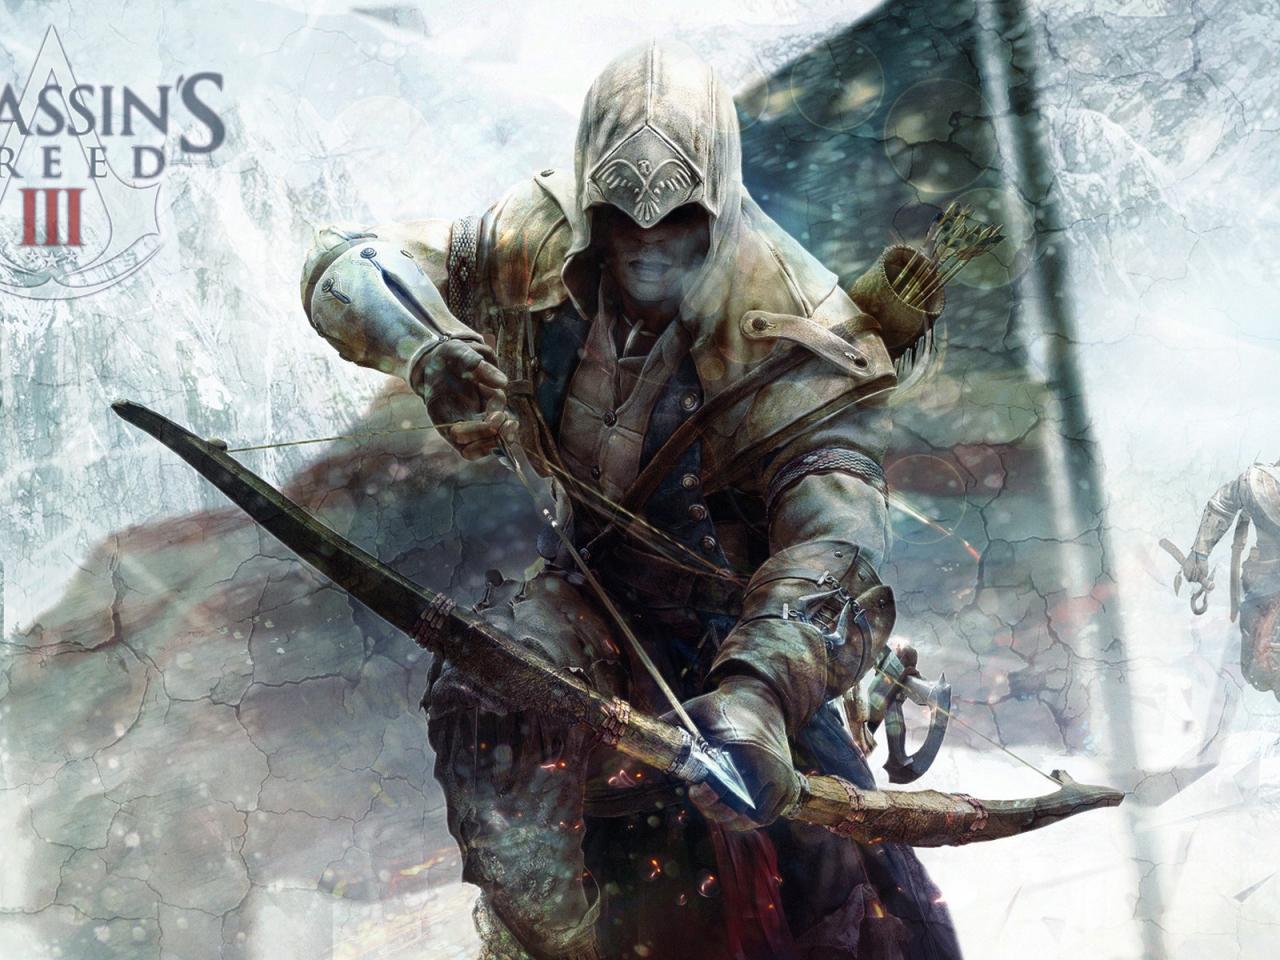 Connor Assassins Creed 3 Hd Wallpaper Wallpaperfx